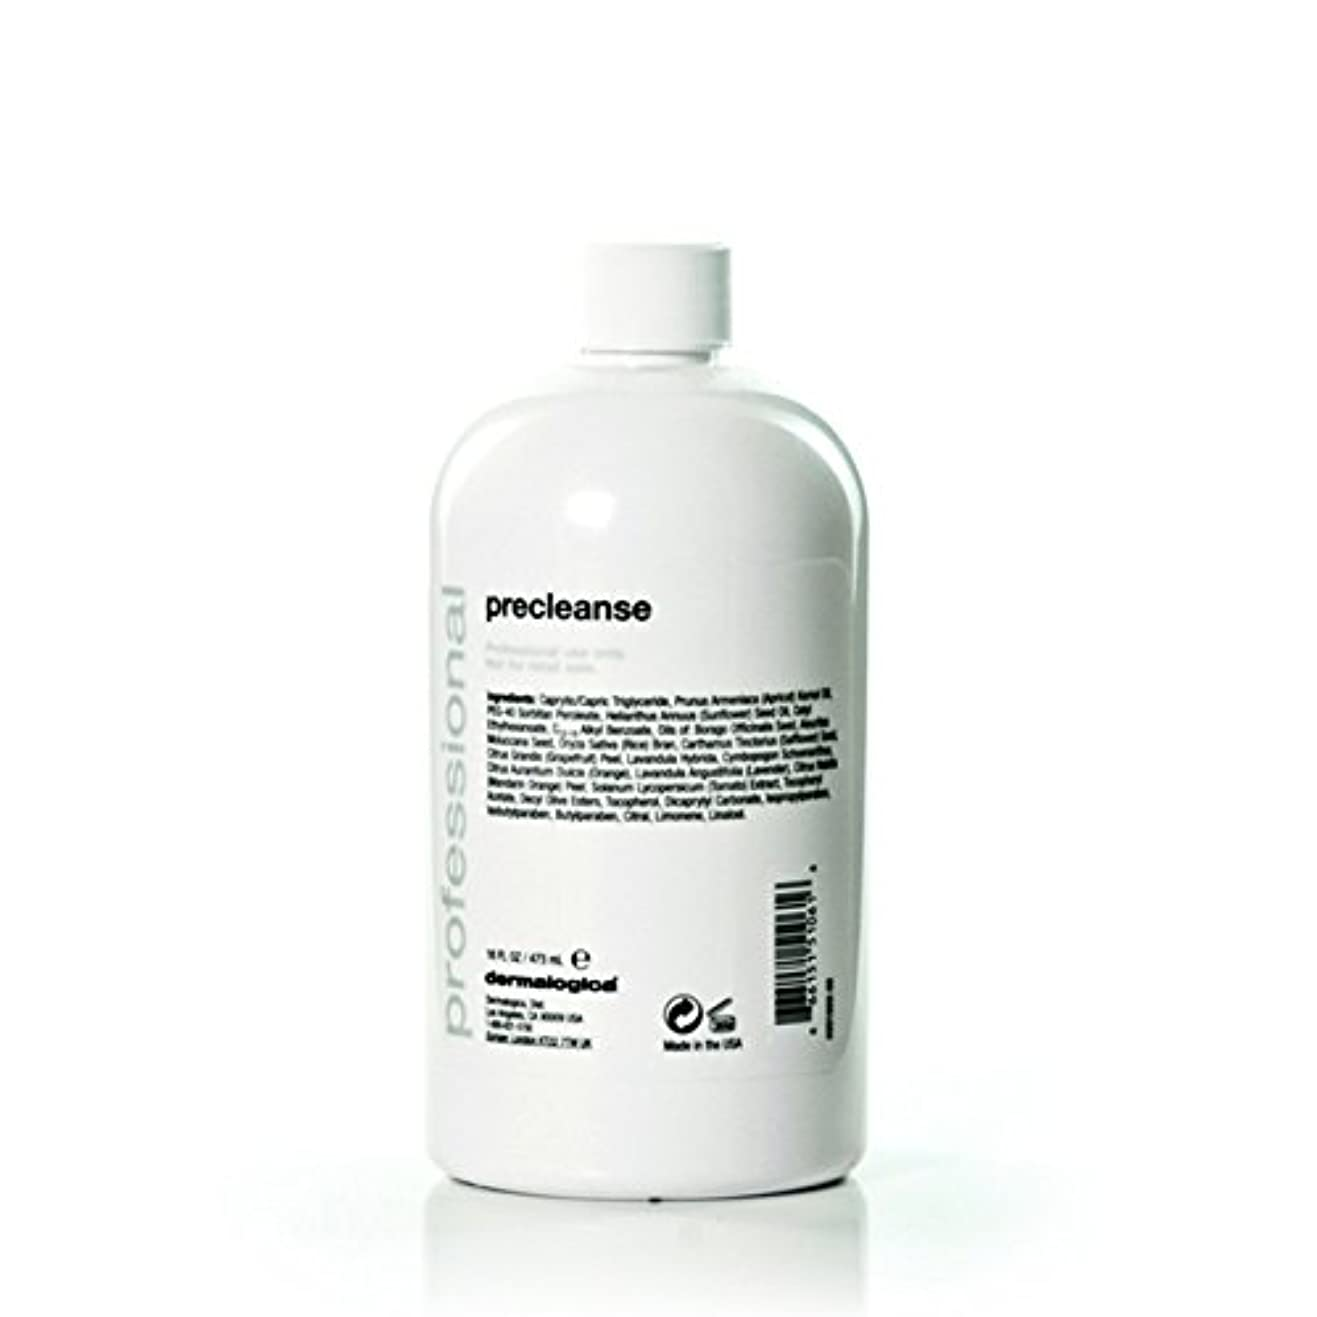 リテラシー巻き取りヤギダーマロジカ PreCleanse PRO (Salon Size) 473ml/16oz並行輸入品